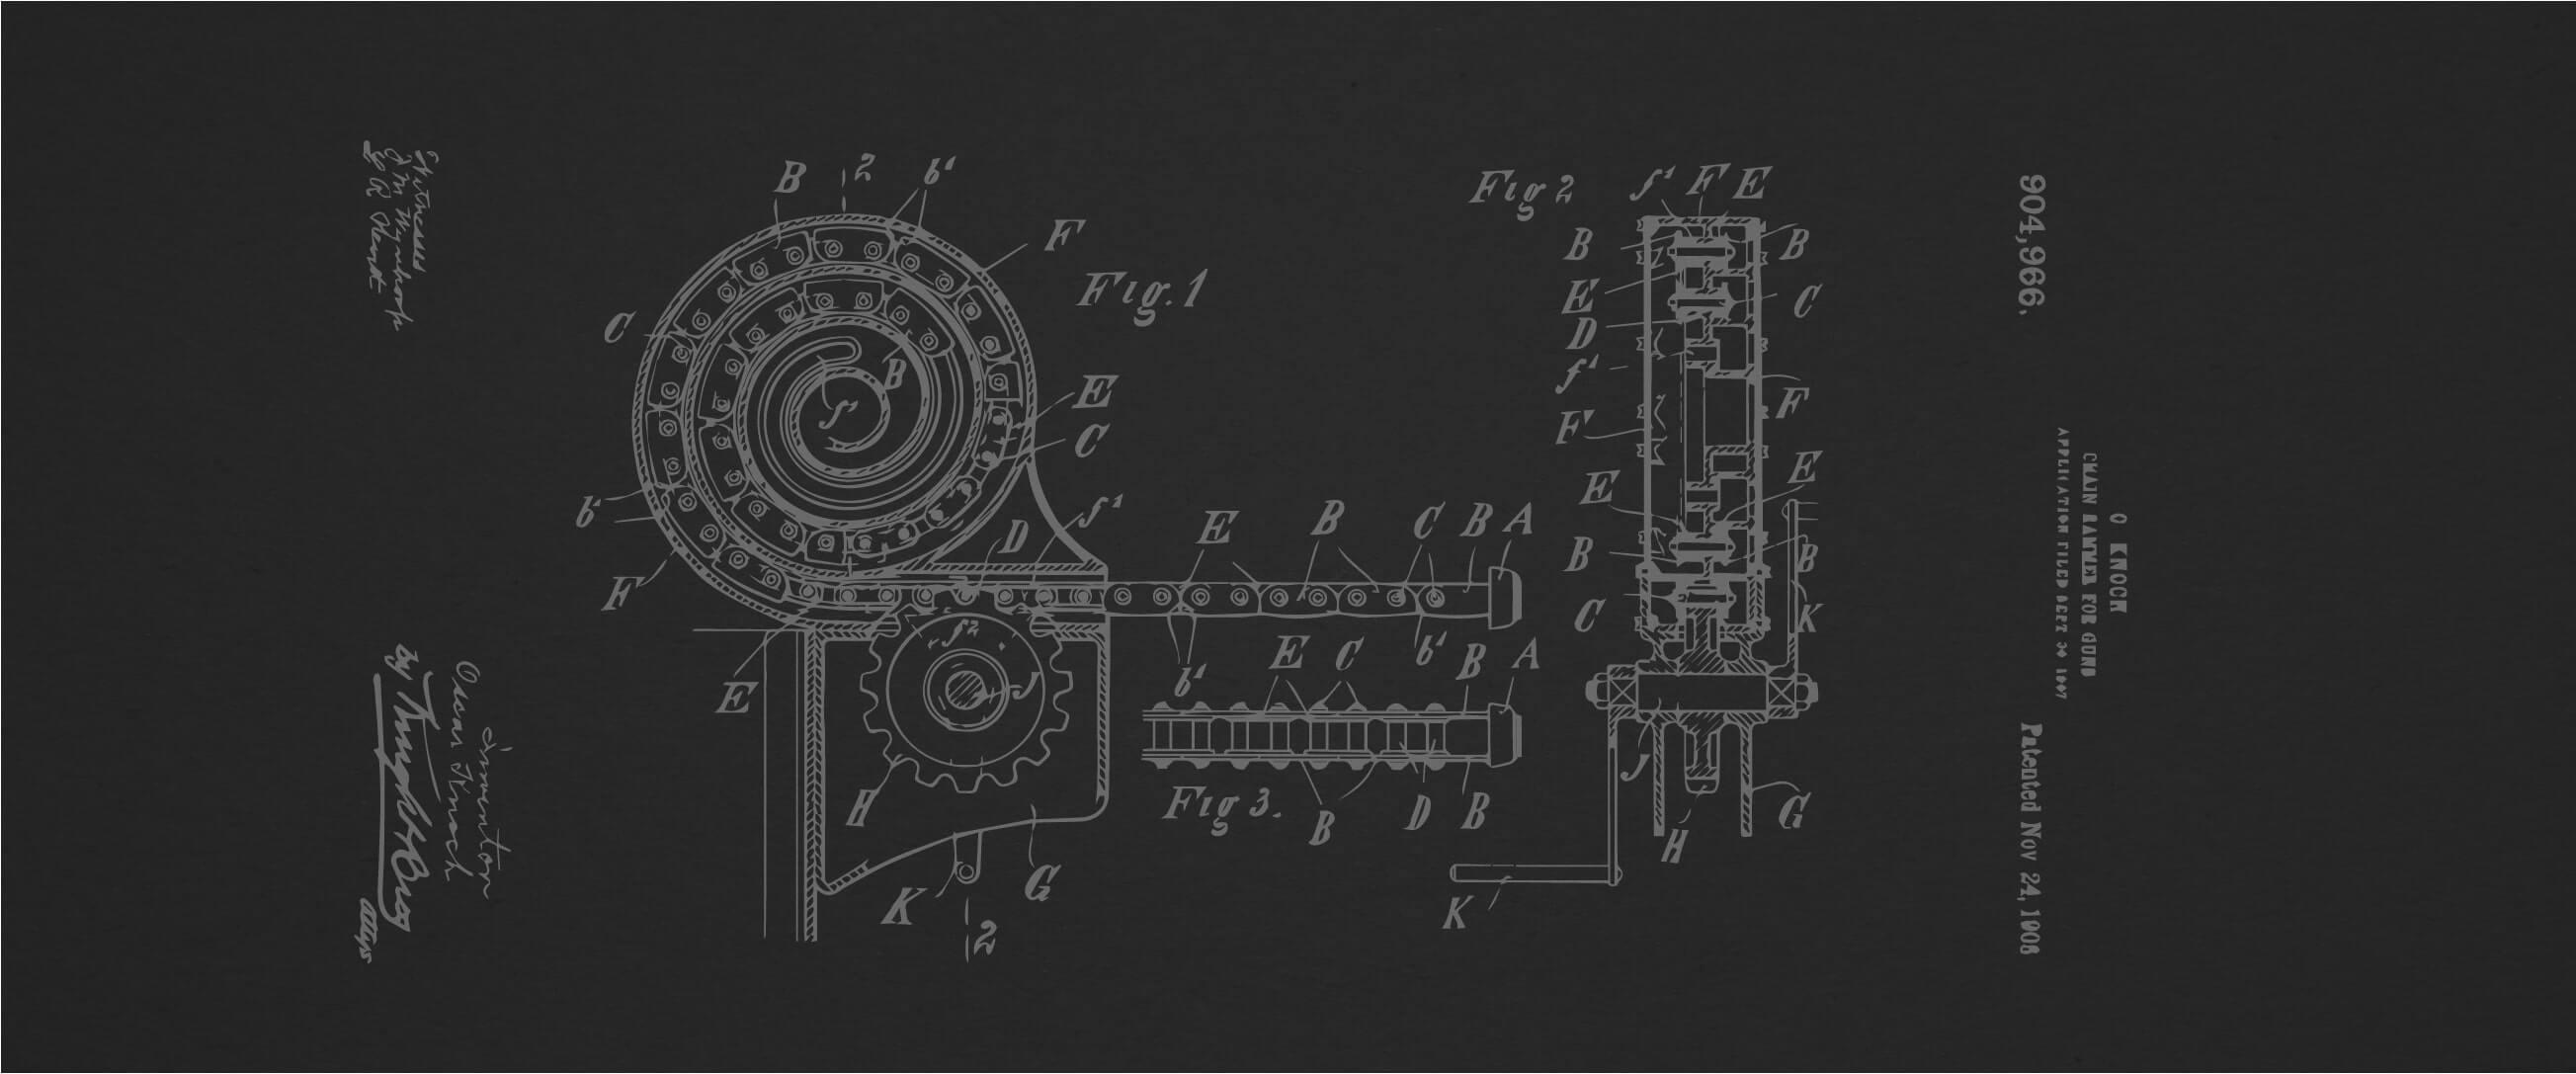 patent bg